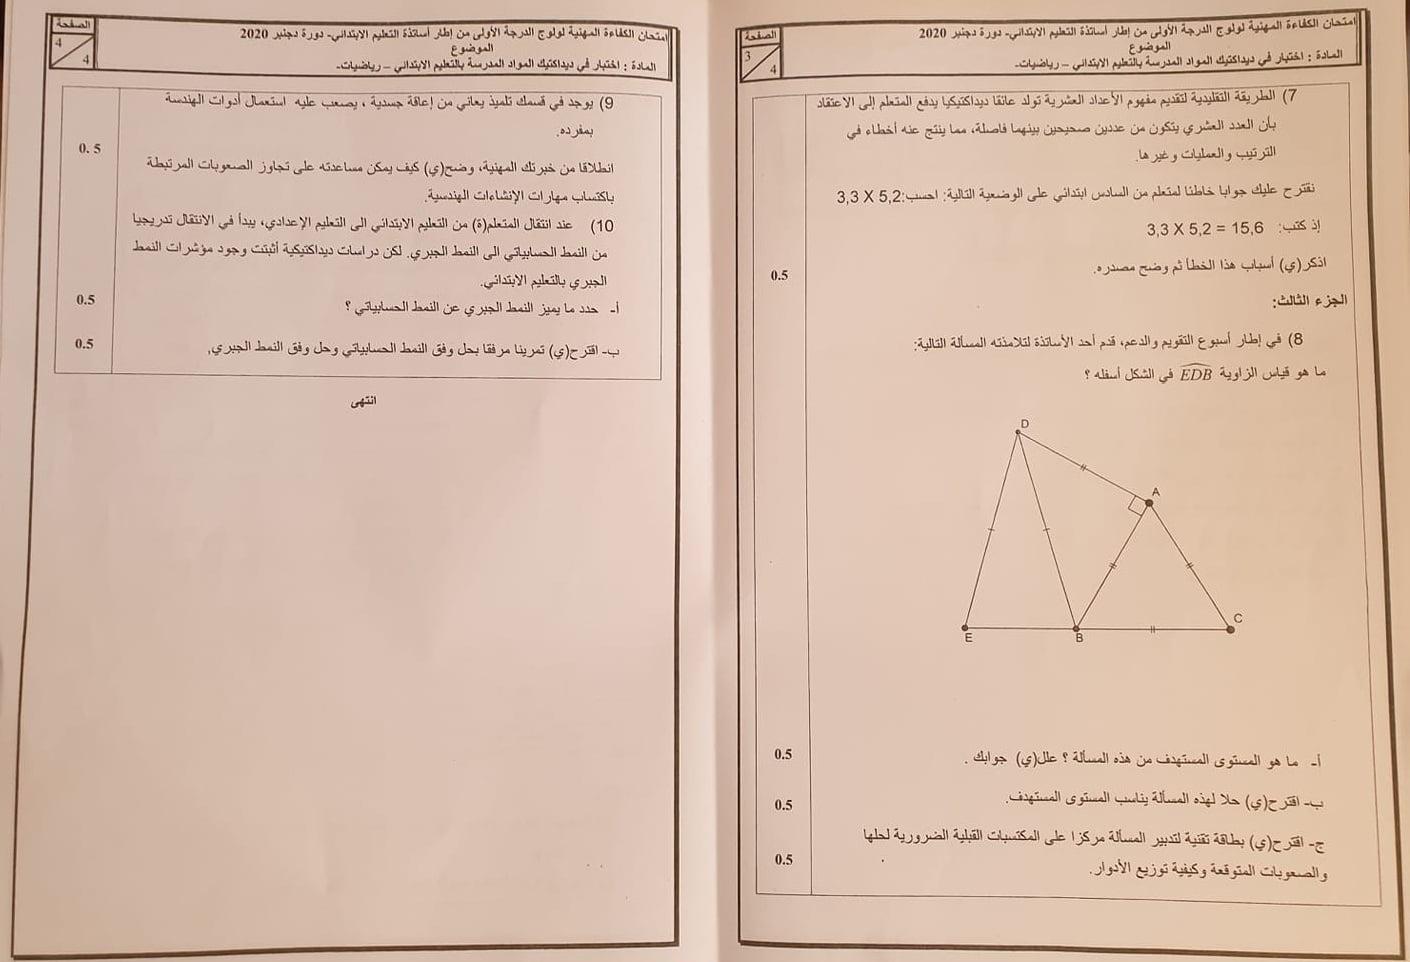 الامتحان المهني لولوج الدرجة الاولى ابتدائي دورة دجنبر2020